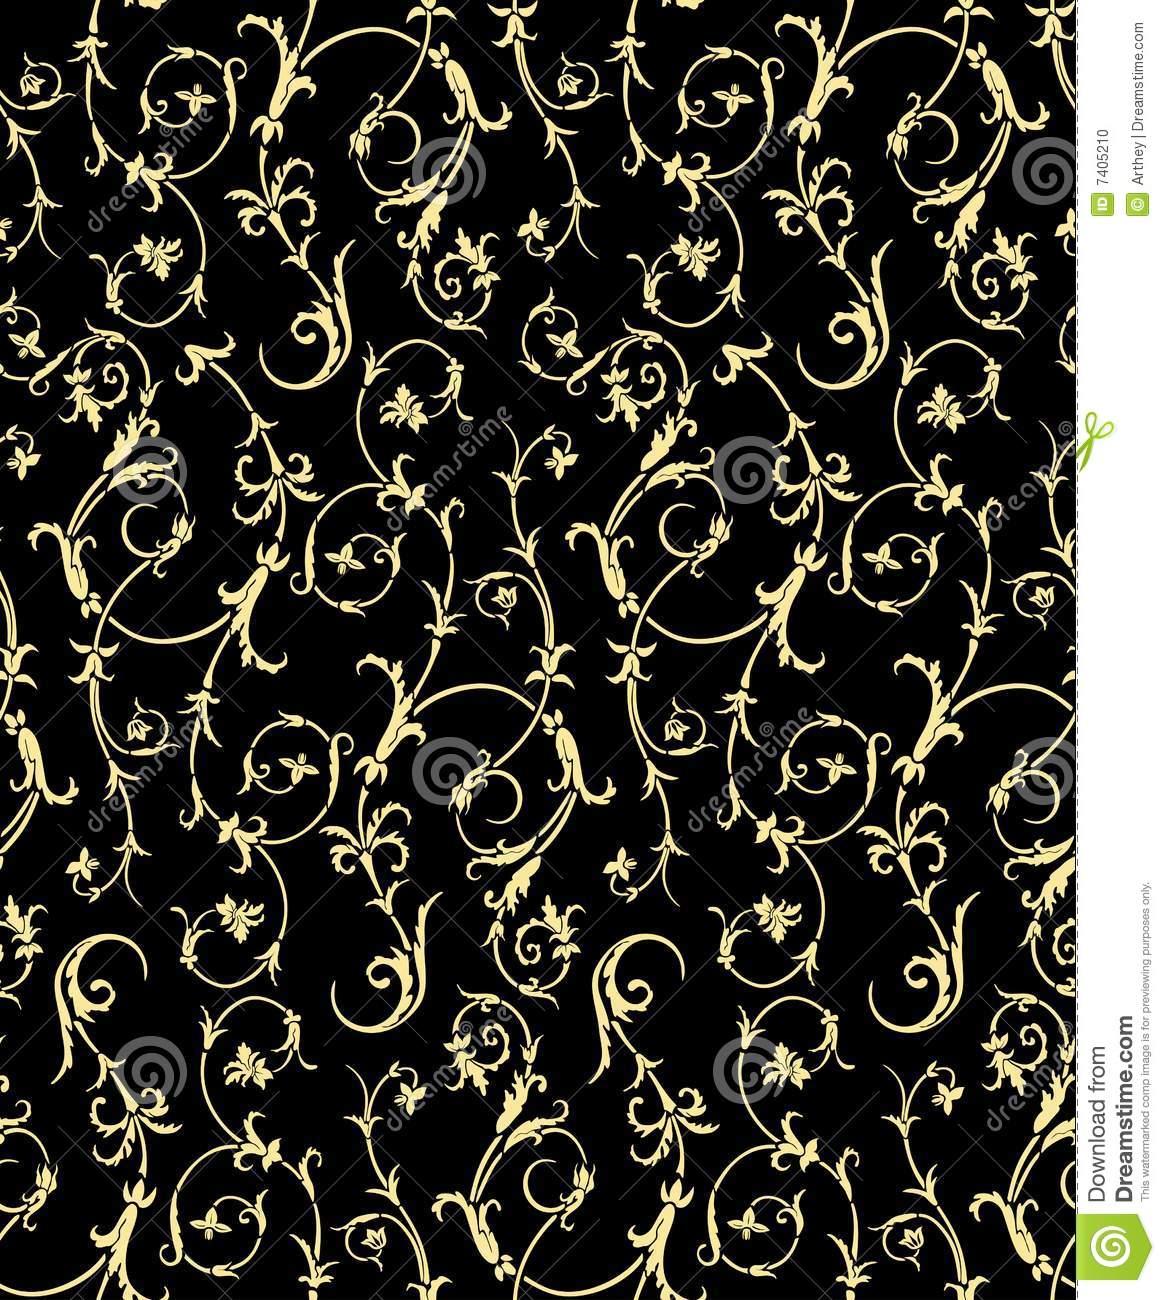 Renaissance Wallpaper Good Galleries 1165x1300